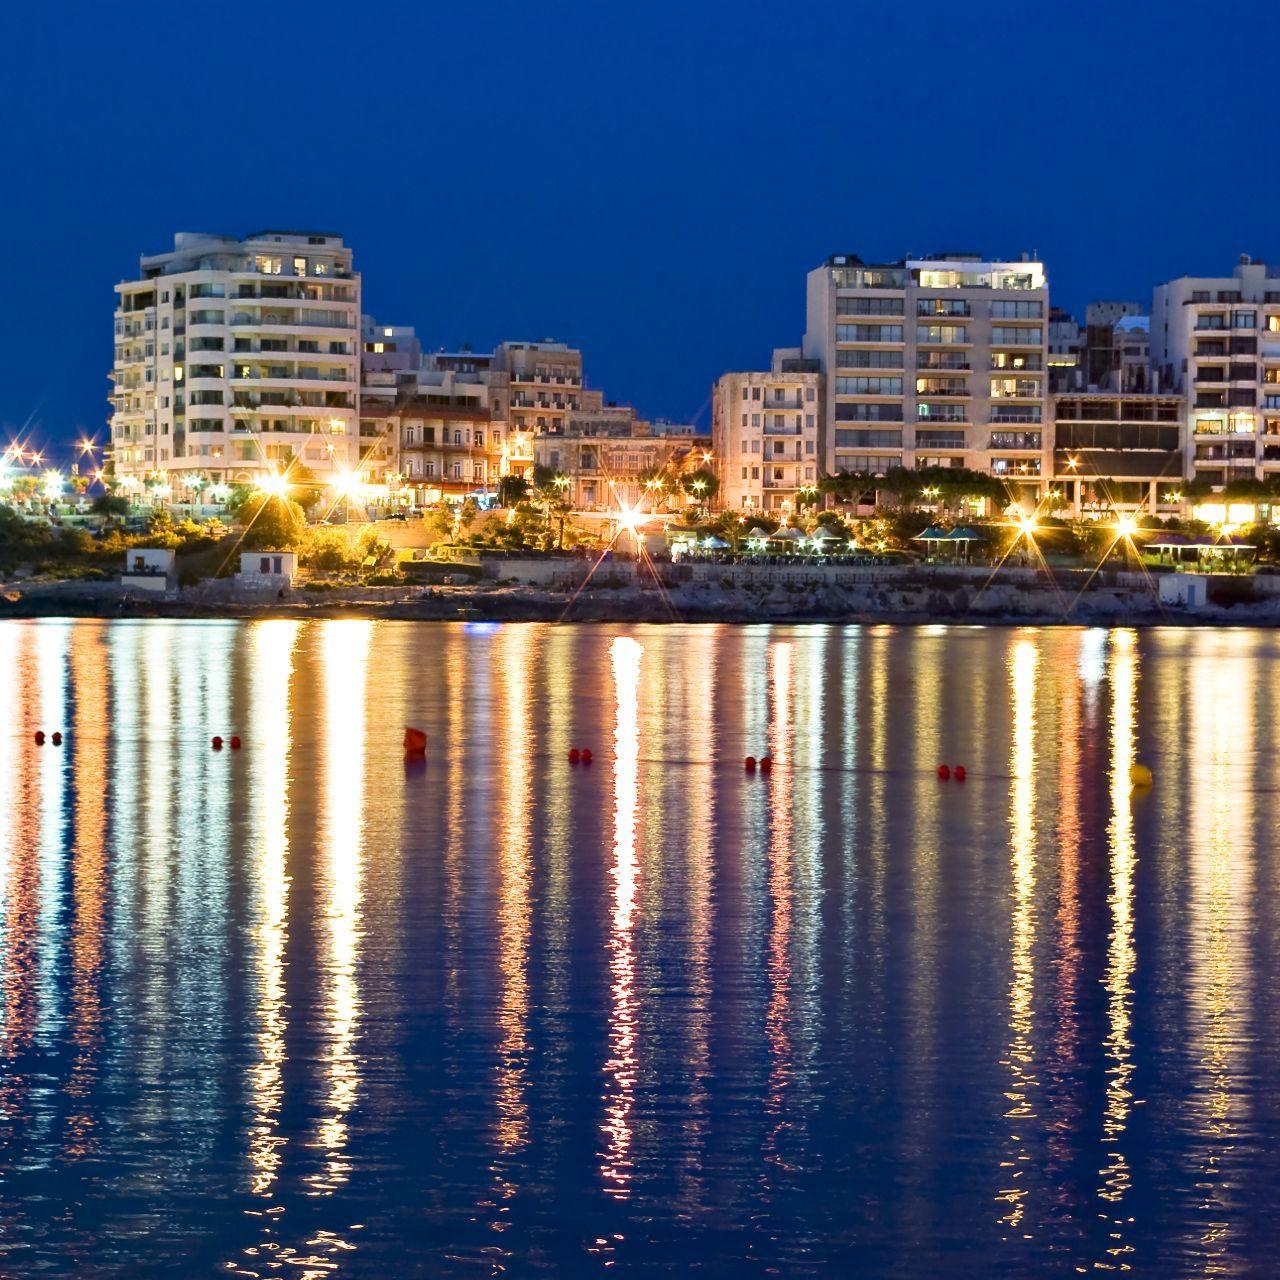 night at Sliema Exiles